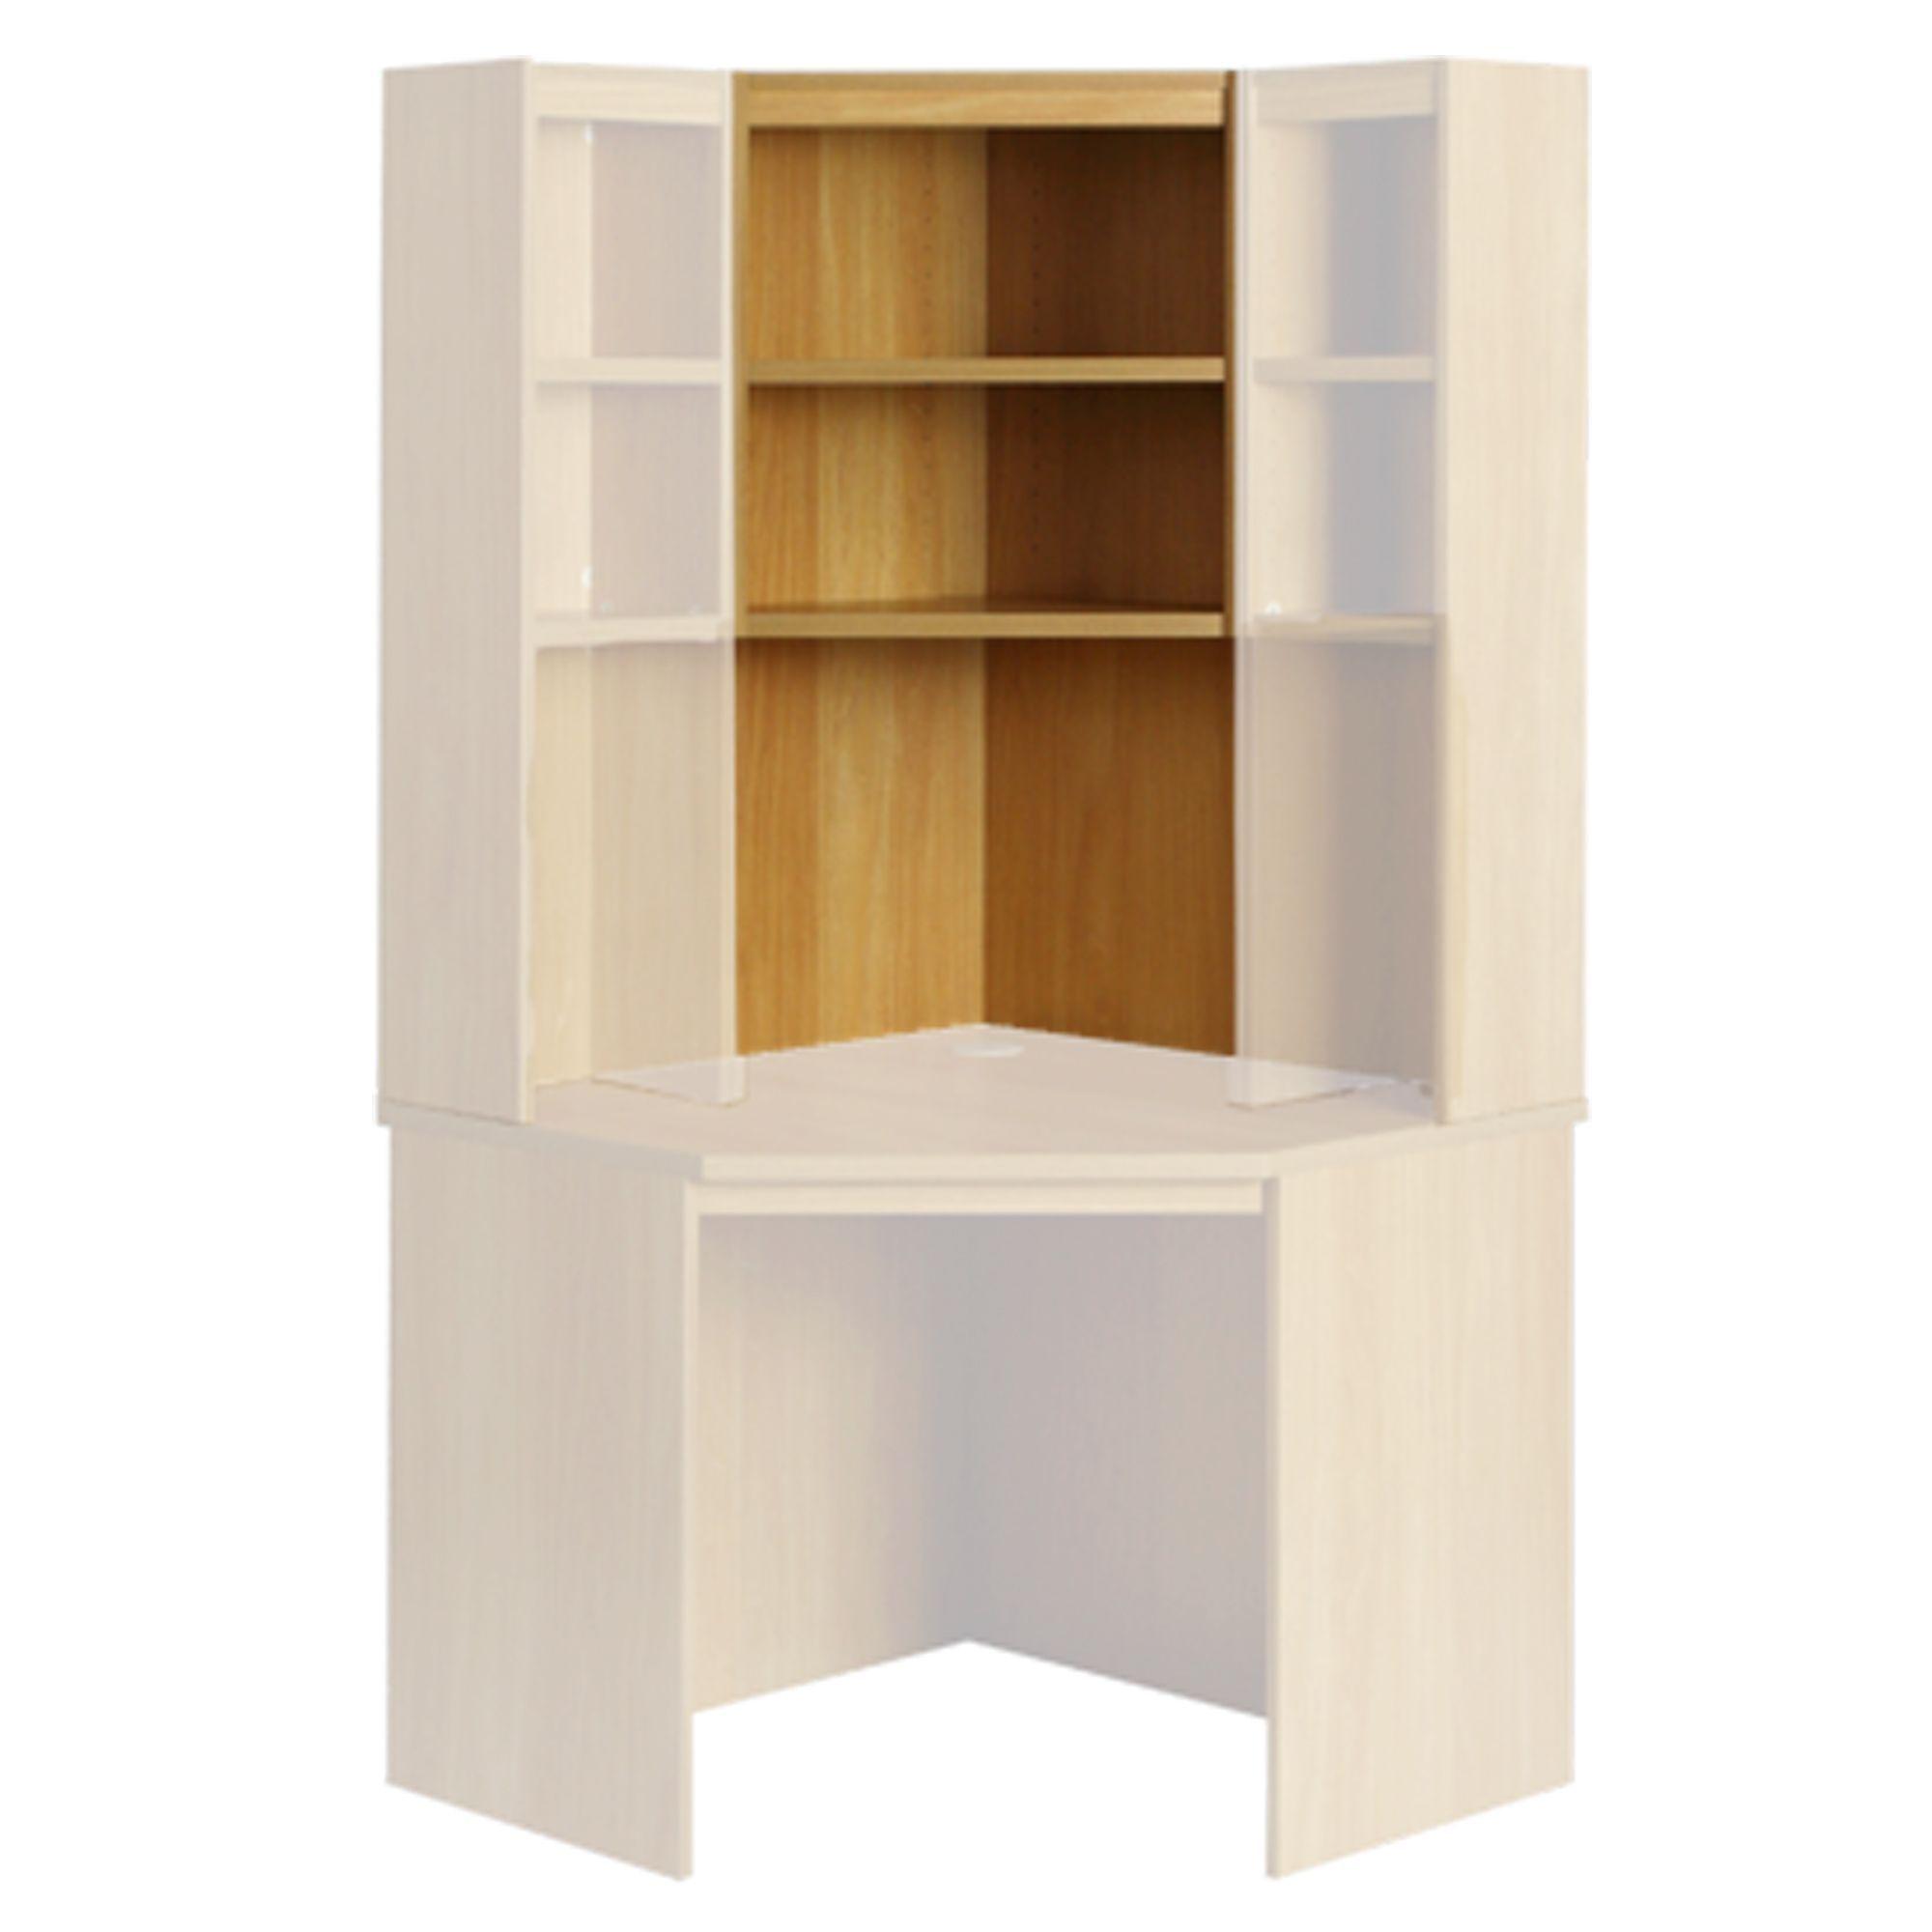 office corner shelf. Office Corner Overshelf Shelf